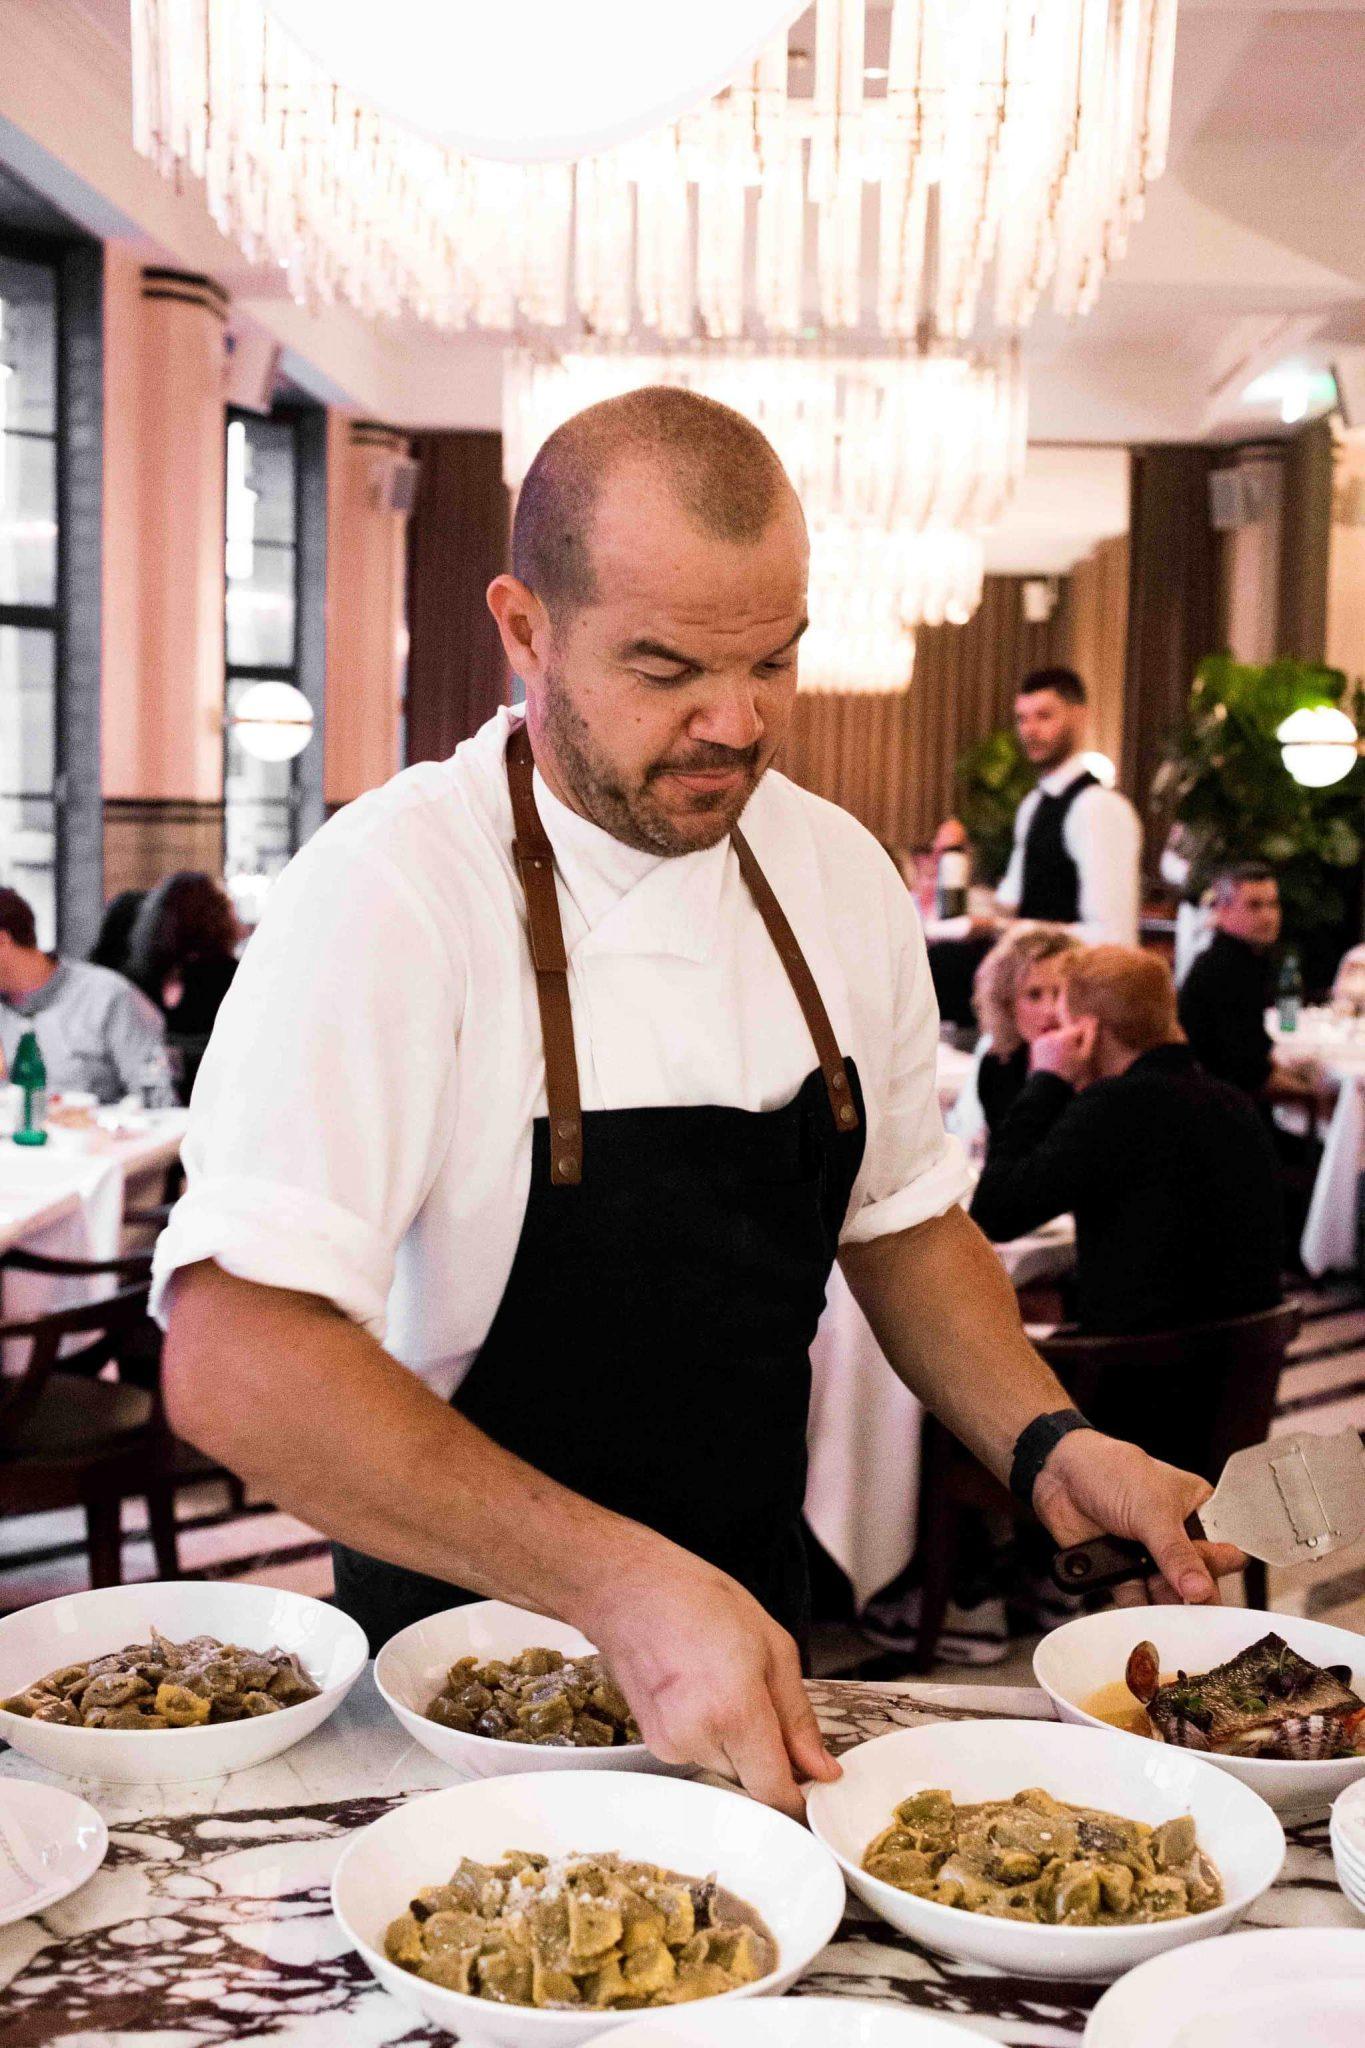 cecconis culinessa 1 - Culinessa tips: Restaurant Cecconi's Amsterdam